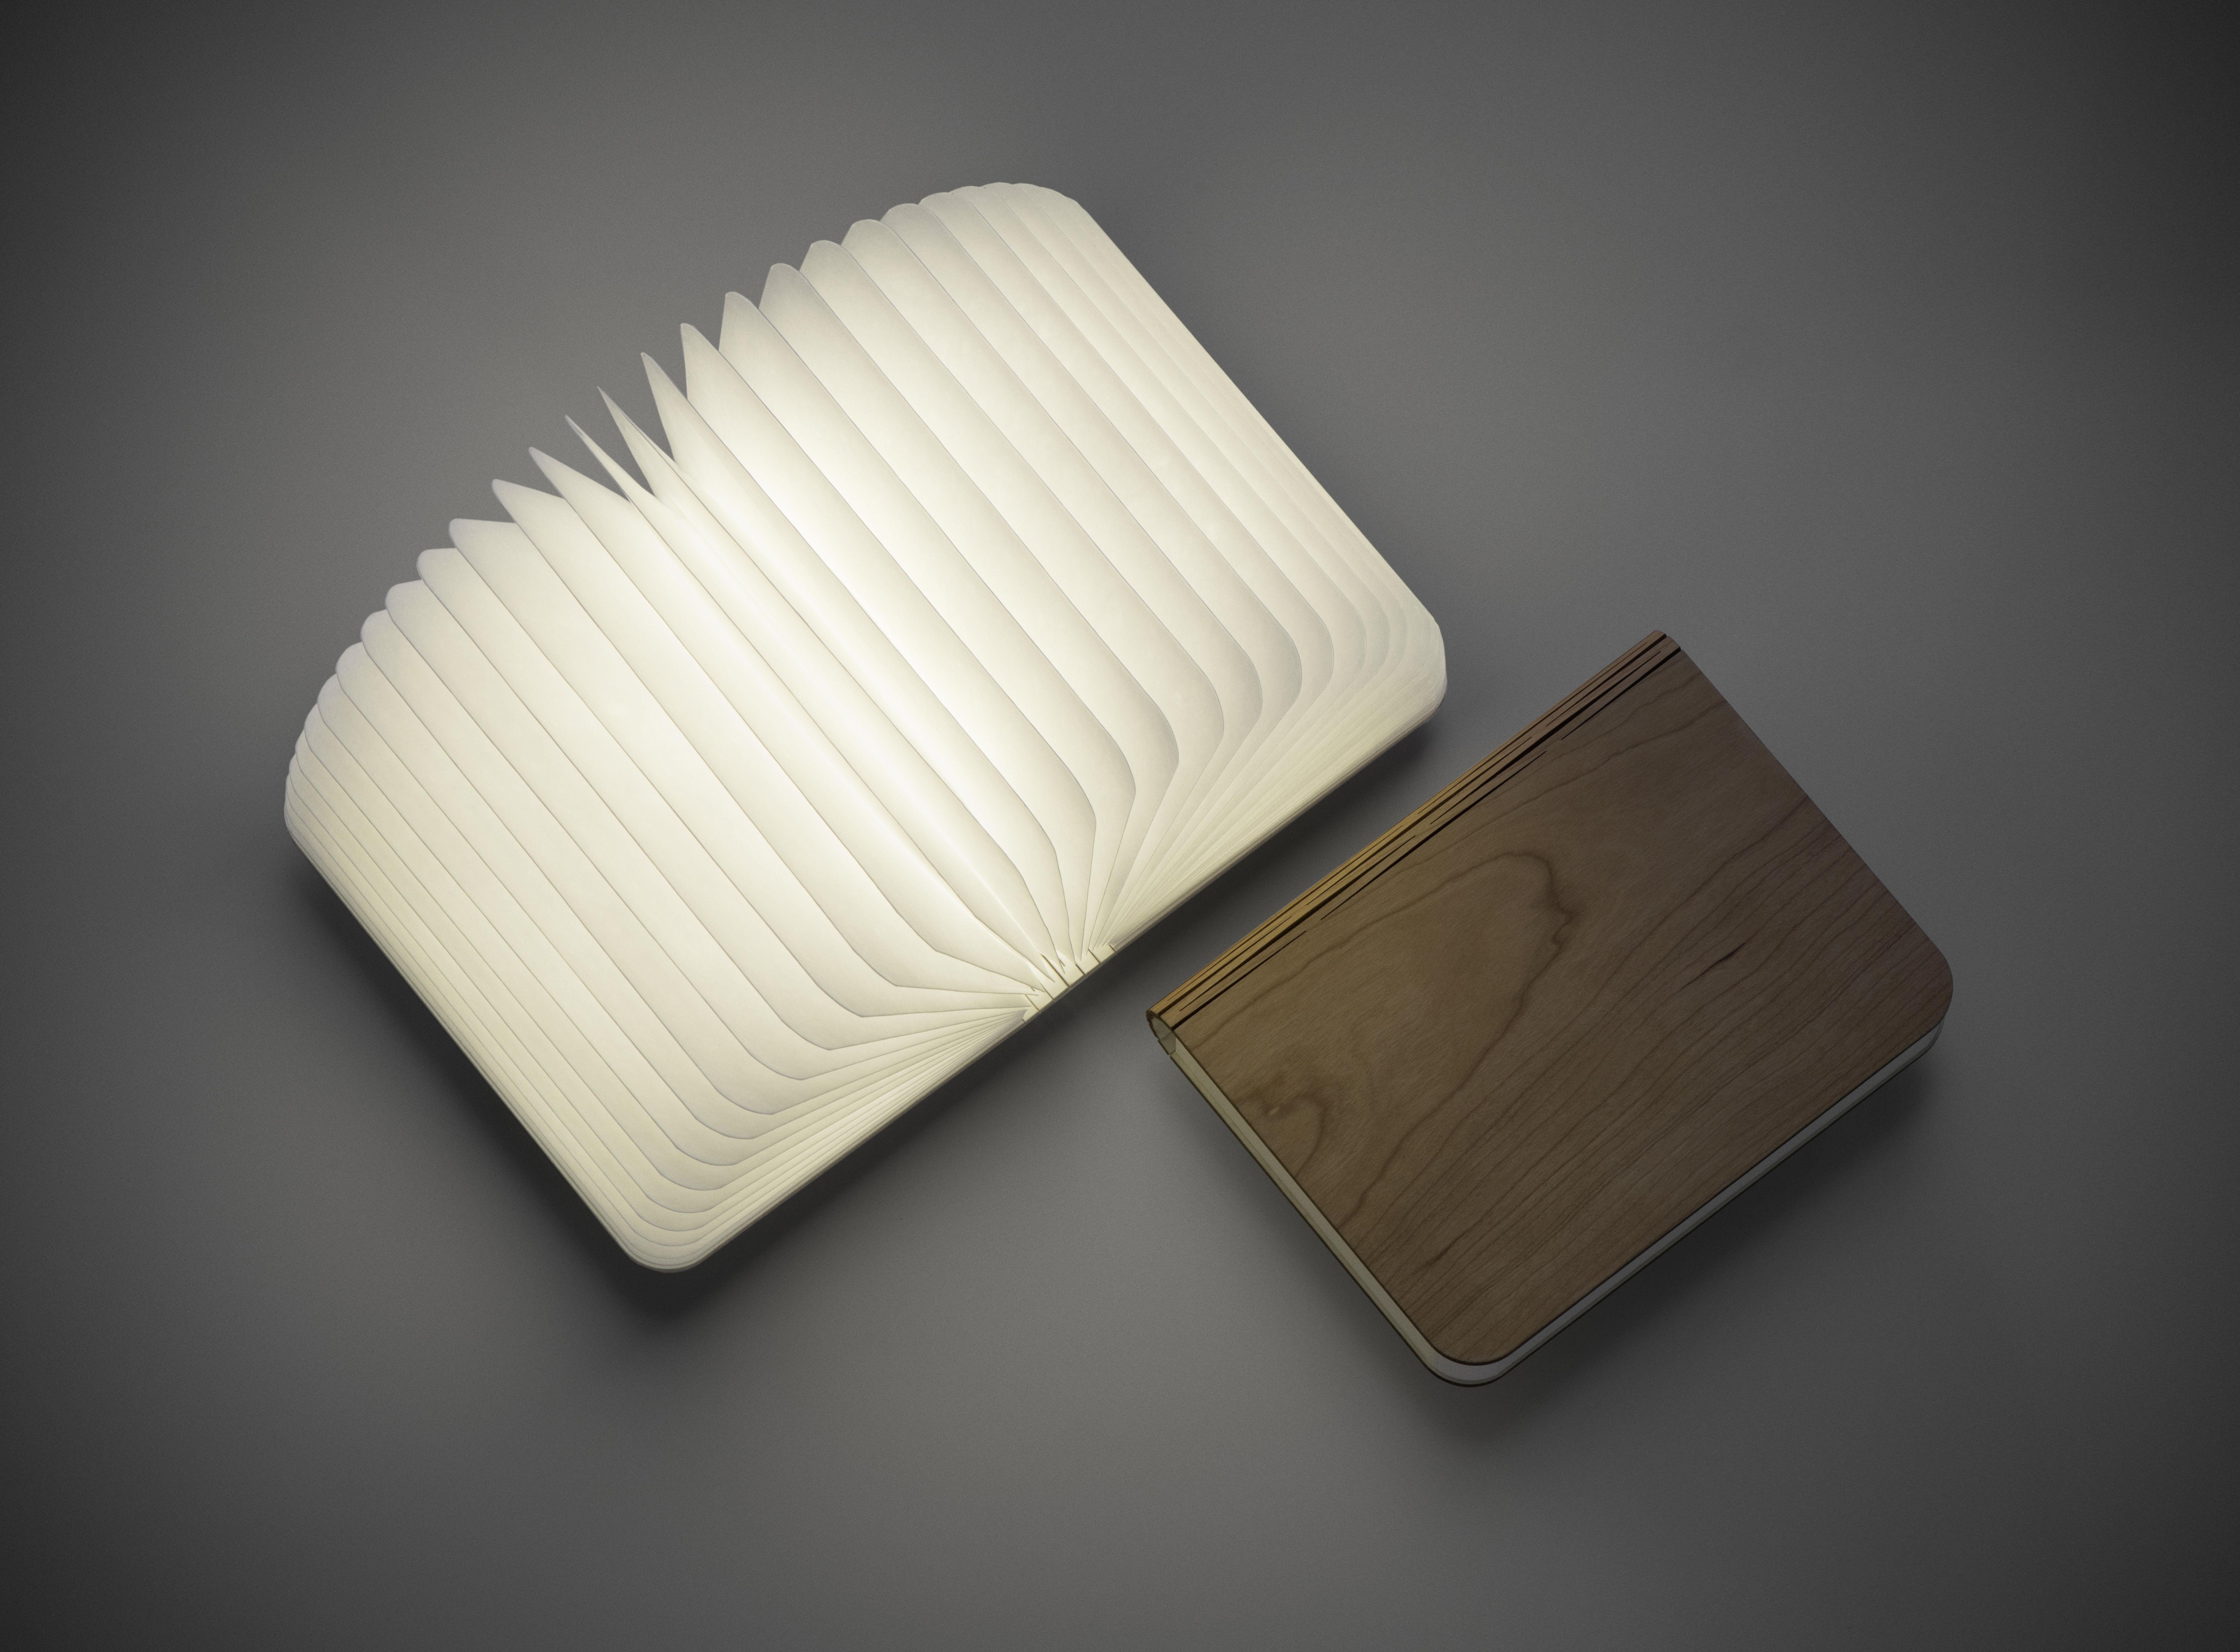 本を開くと明かりがつく!「ブック型ライト」が素敵